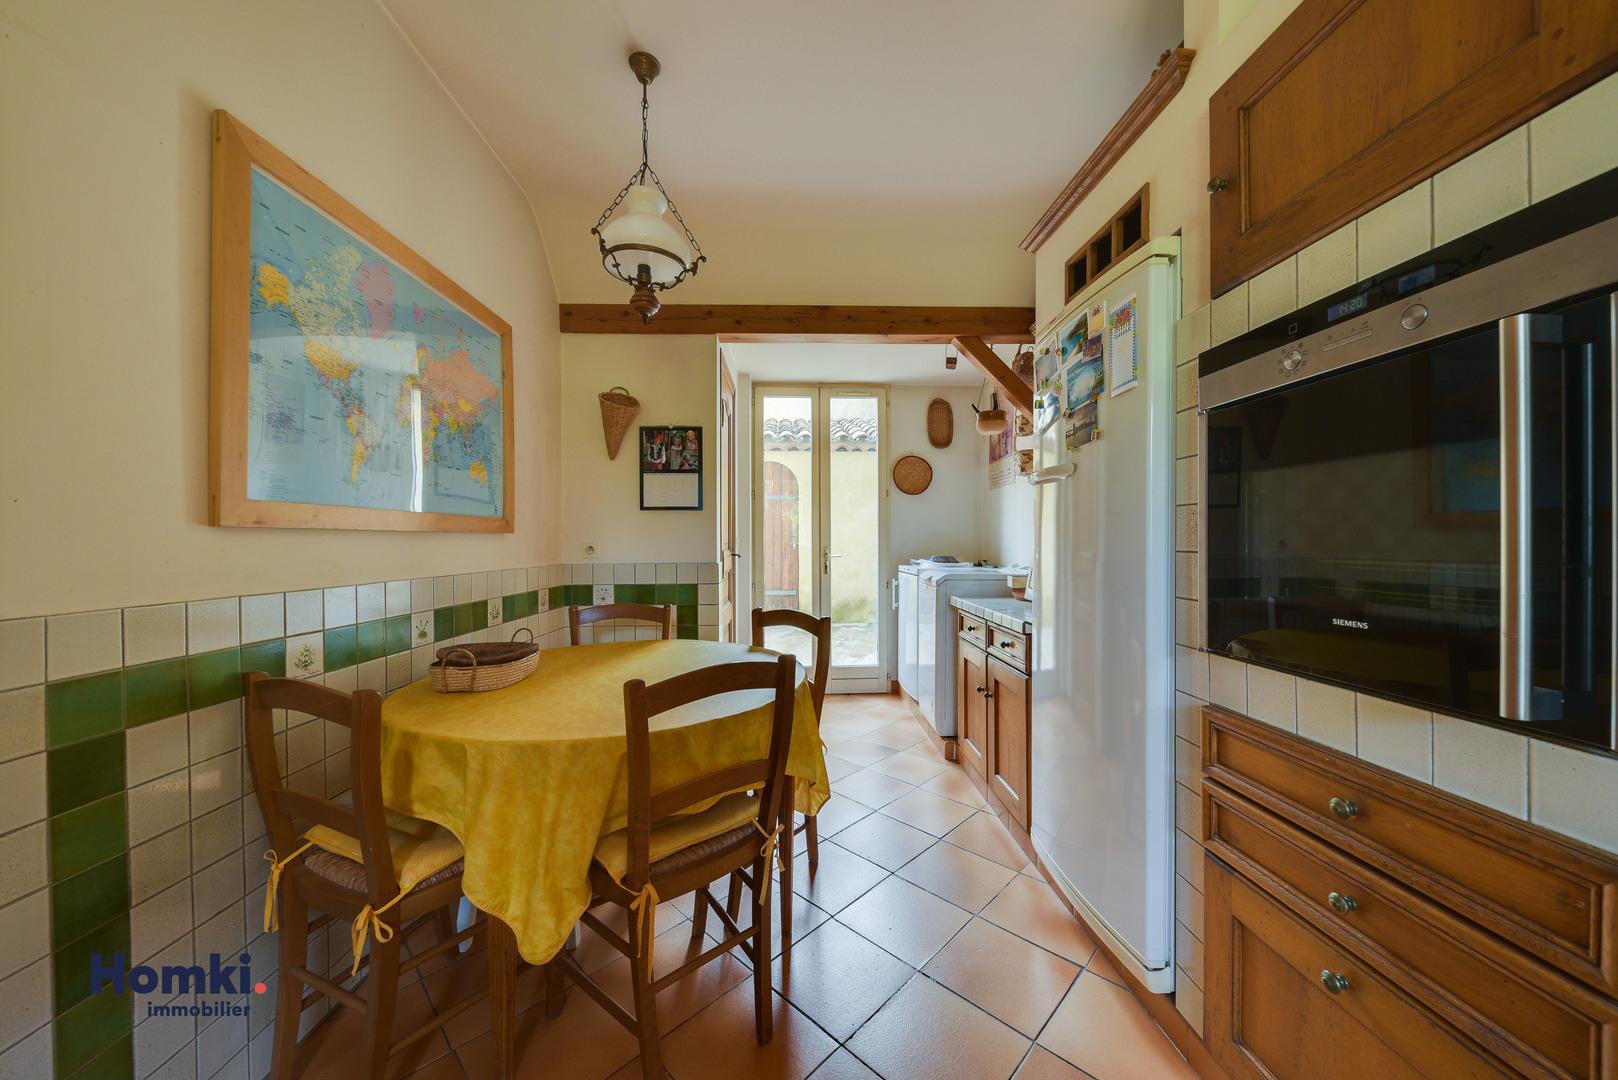 Vente Maison 105m² T4 13007 ROUCAS BOMPARD_8